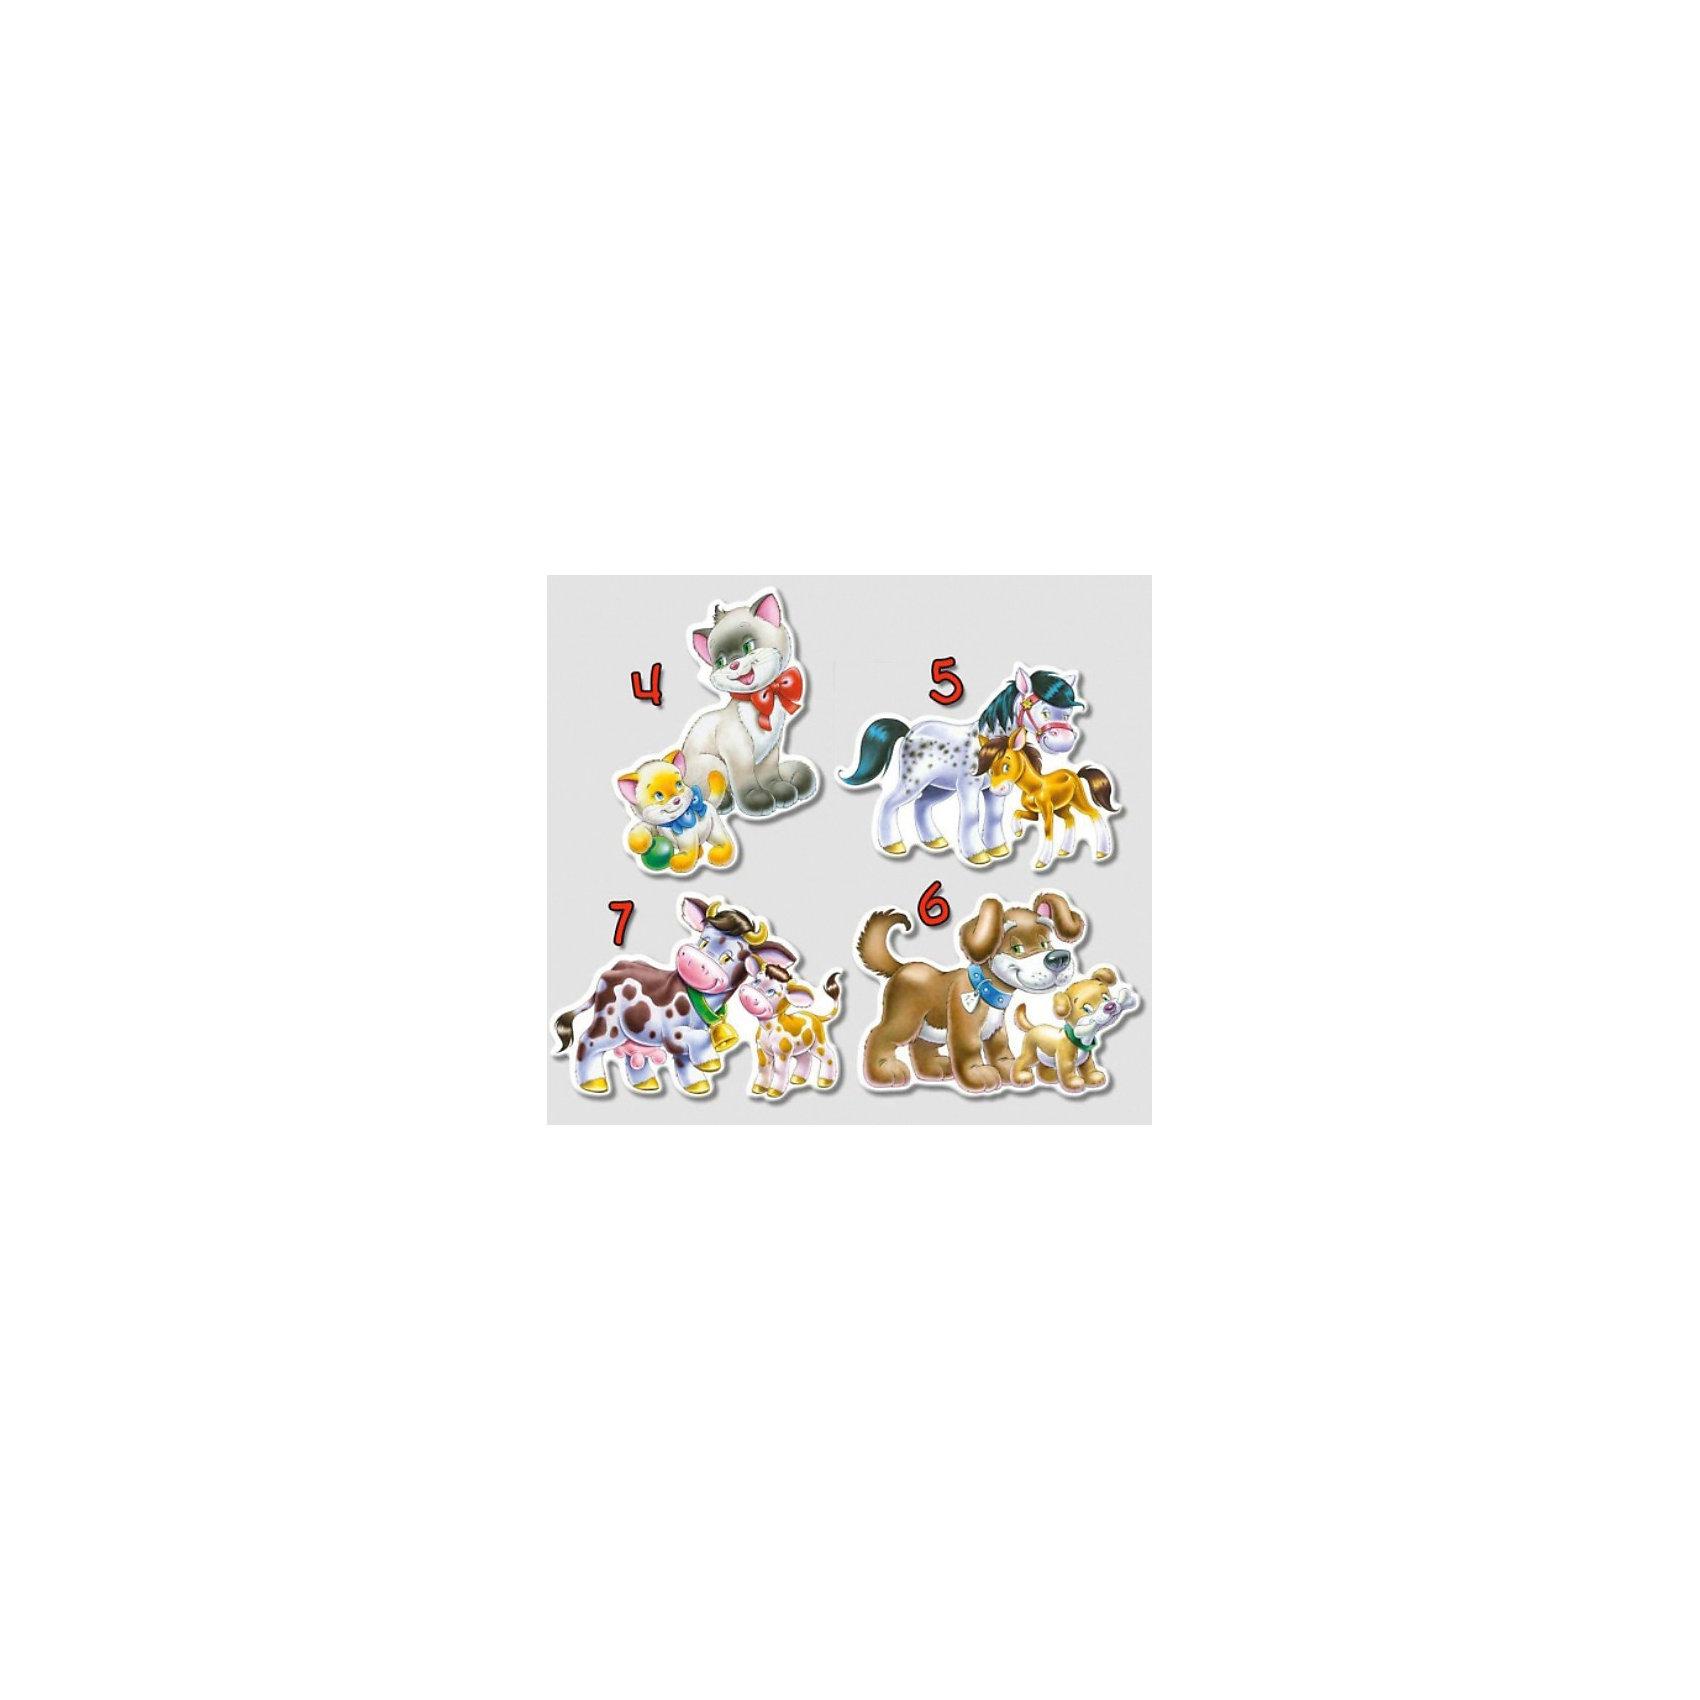 Контурные пазлы Домашние животные, 4*5*6*7 деталей, CastorlandПазлы для малышей<br>Изображение: Домашние животные. <br><br>Дополнительная информация:<br><br>- Количество: 4 пазла в наборе (4-5-6-7 деталей соответственно)<br>- Материал - картон<br>- Размер пазлов - 23 х 16,5 см<br>- Размер минимальной детали - 6 х 4 см<br><br>Ширина мм: 273<br>Глубина мм: 186<br>Высота мм: 40<br>Вес г: 400<br>Возраст от месяцев: 12<br>Возраст до месяцев: 60<br>Пол: Унисекс<br>Возраст: Детский<br>Количество деталей: 4<br>SKU: 2328224